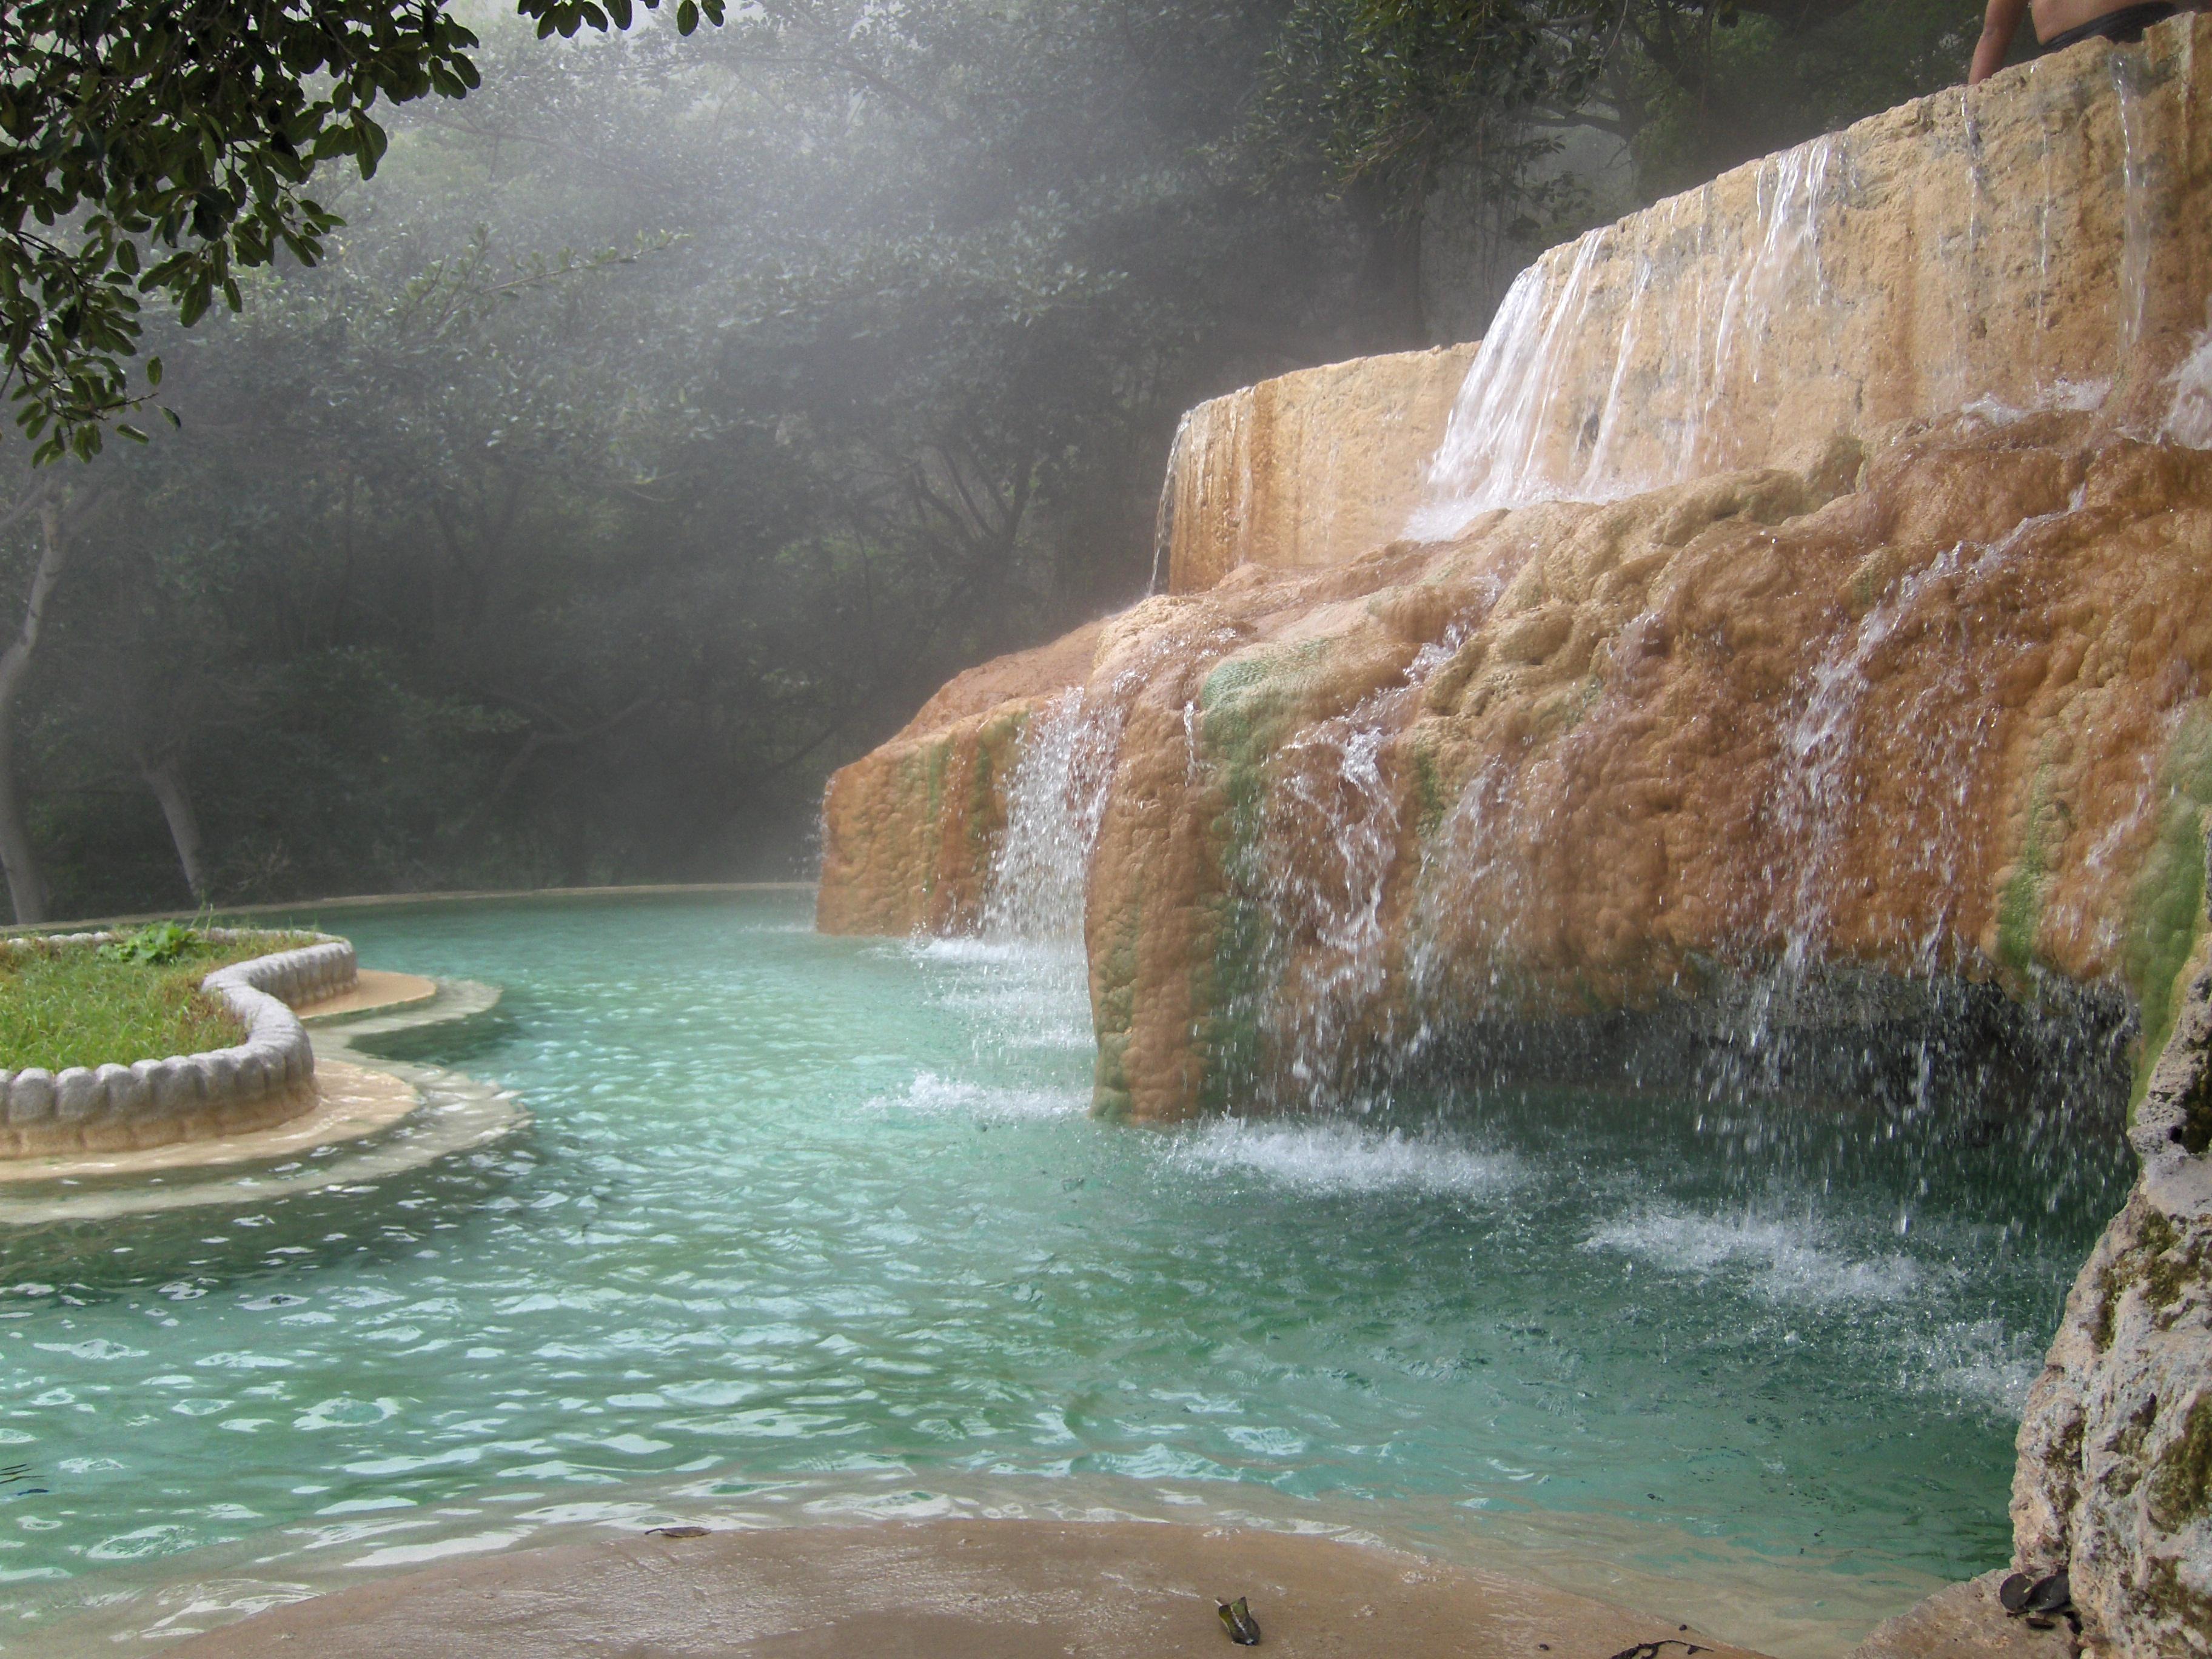 Lugares para visitar grutas de tolantongo el blog de for Sanborns de los azulejos tiene estacionamiento